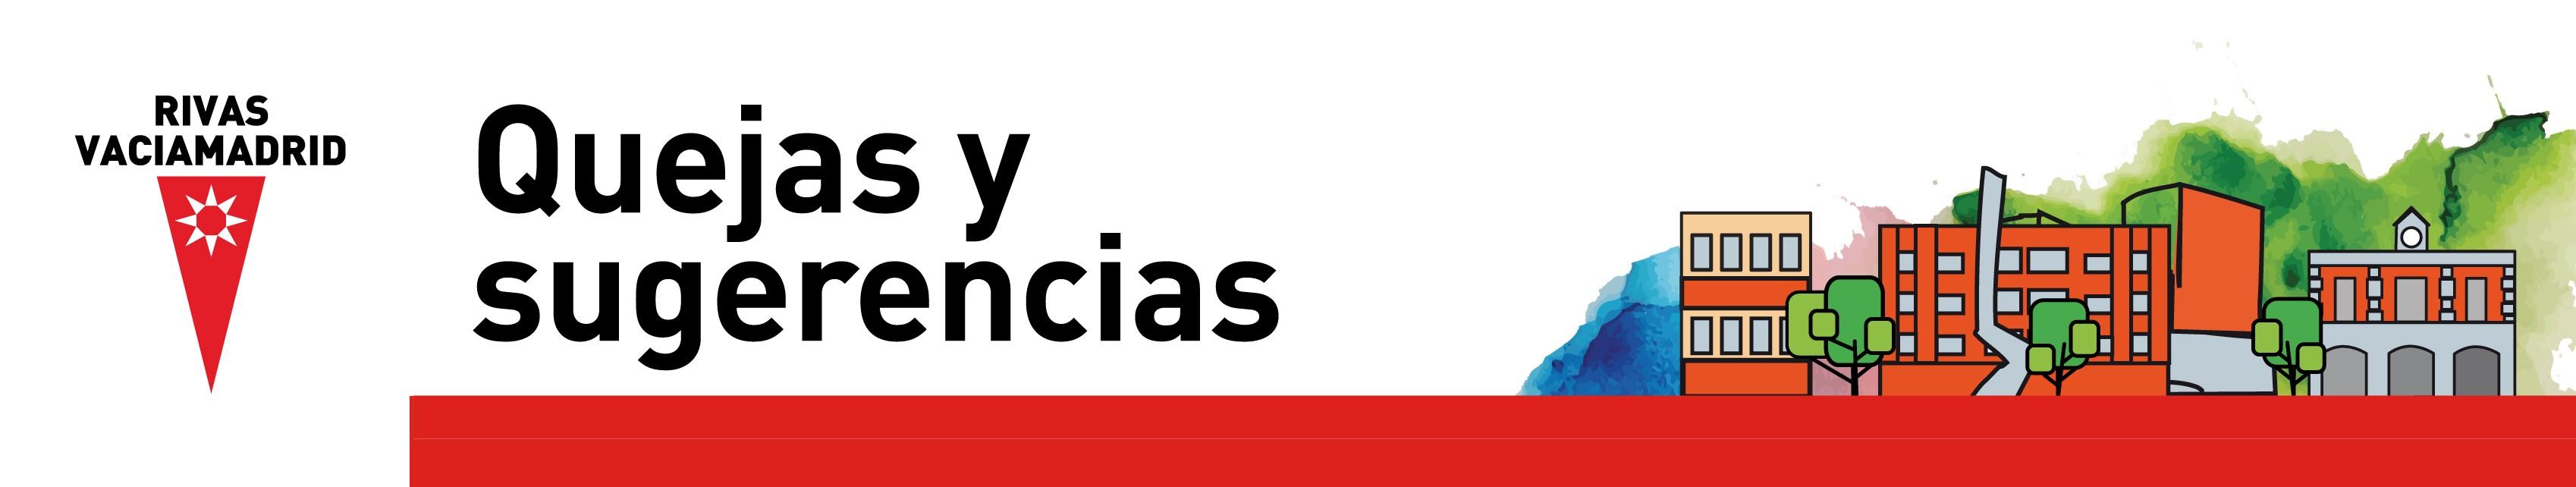 Calendario Escolar Rivas 2019 Más Recientes Ayuntamiento Rivas Vaciamadrid Of Calendario Escolar Rivas 2019 Más Recientes Brutalist Websites